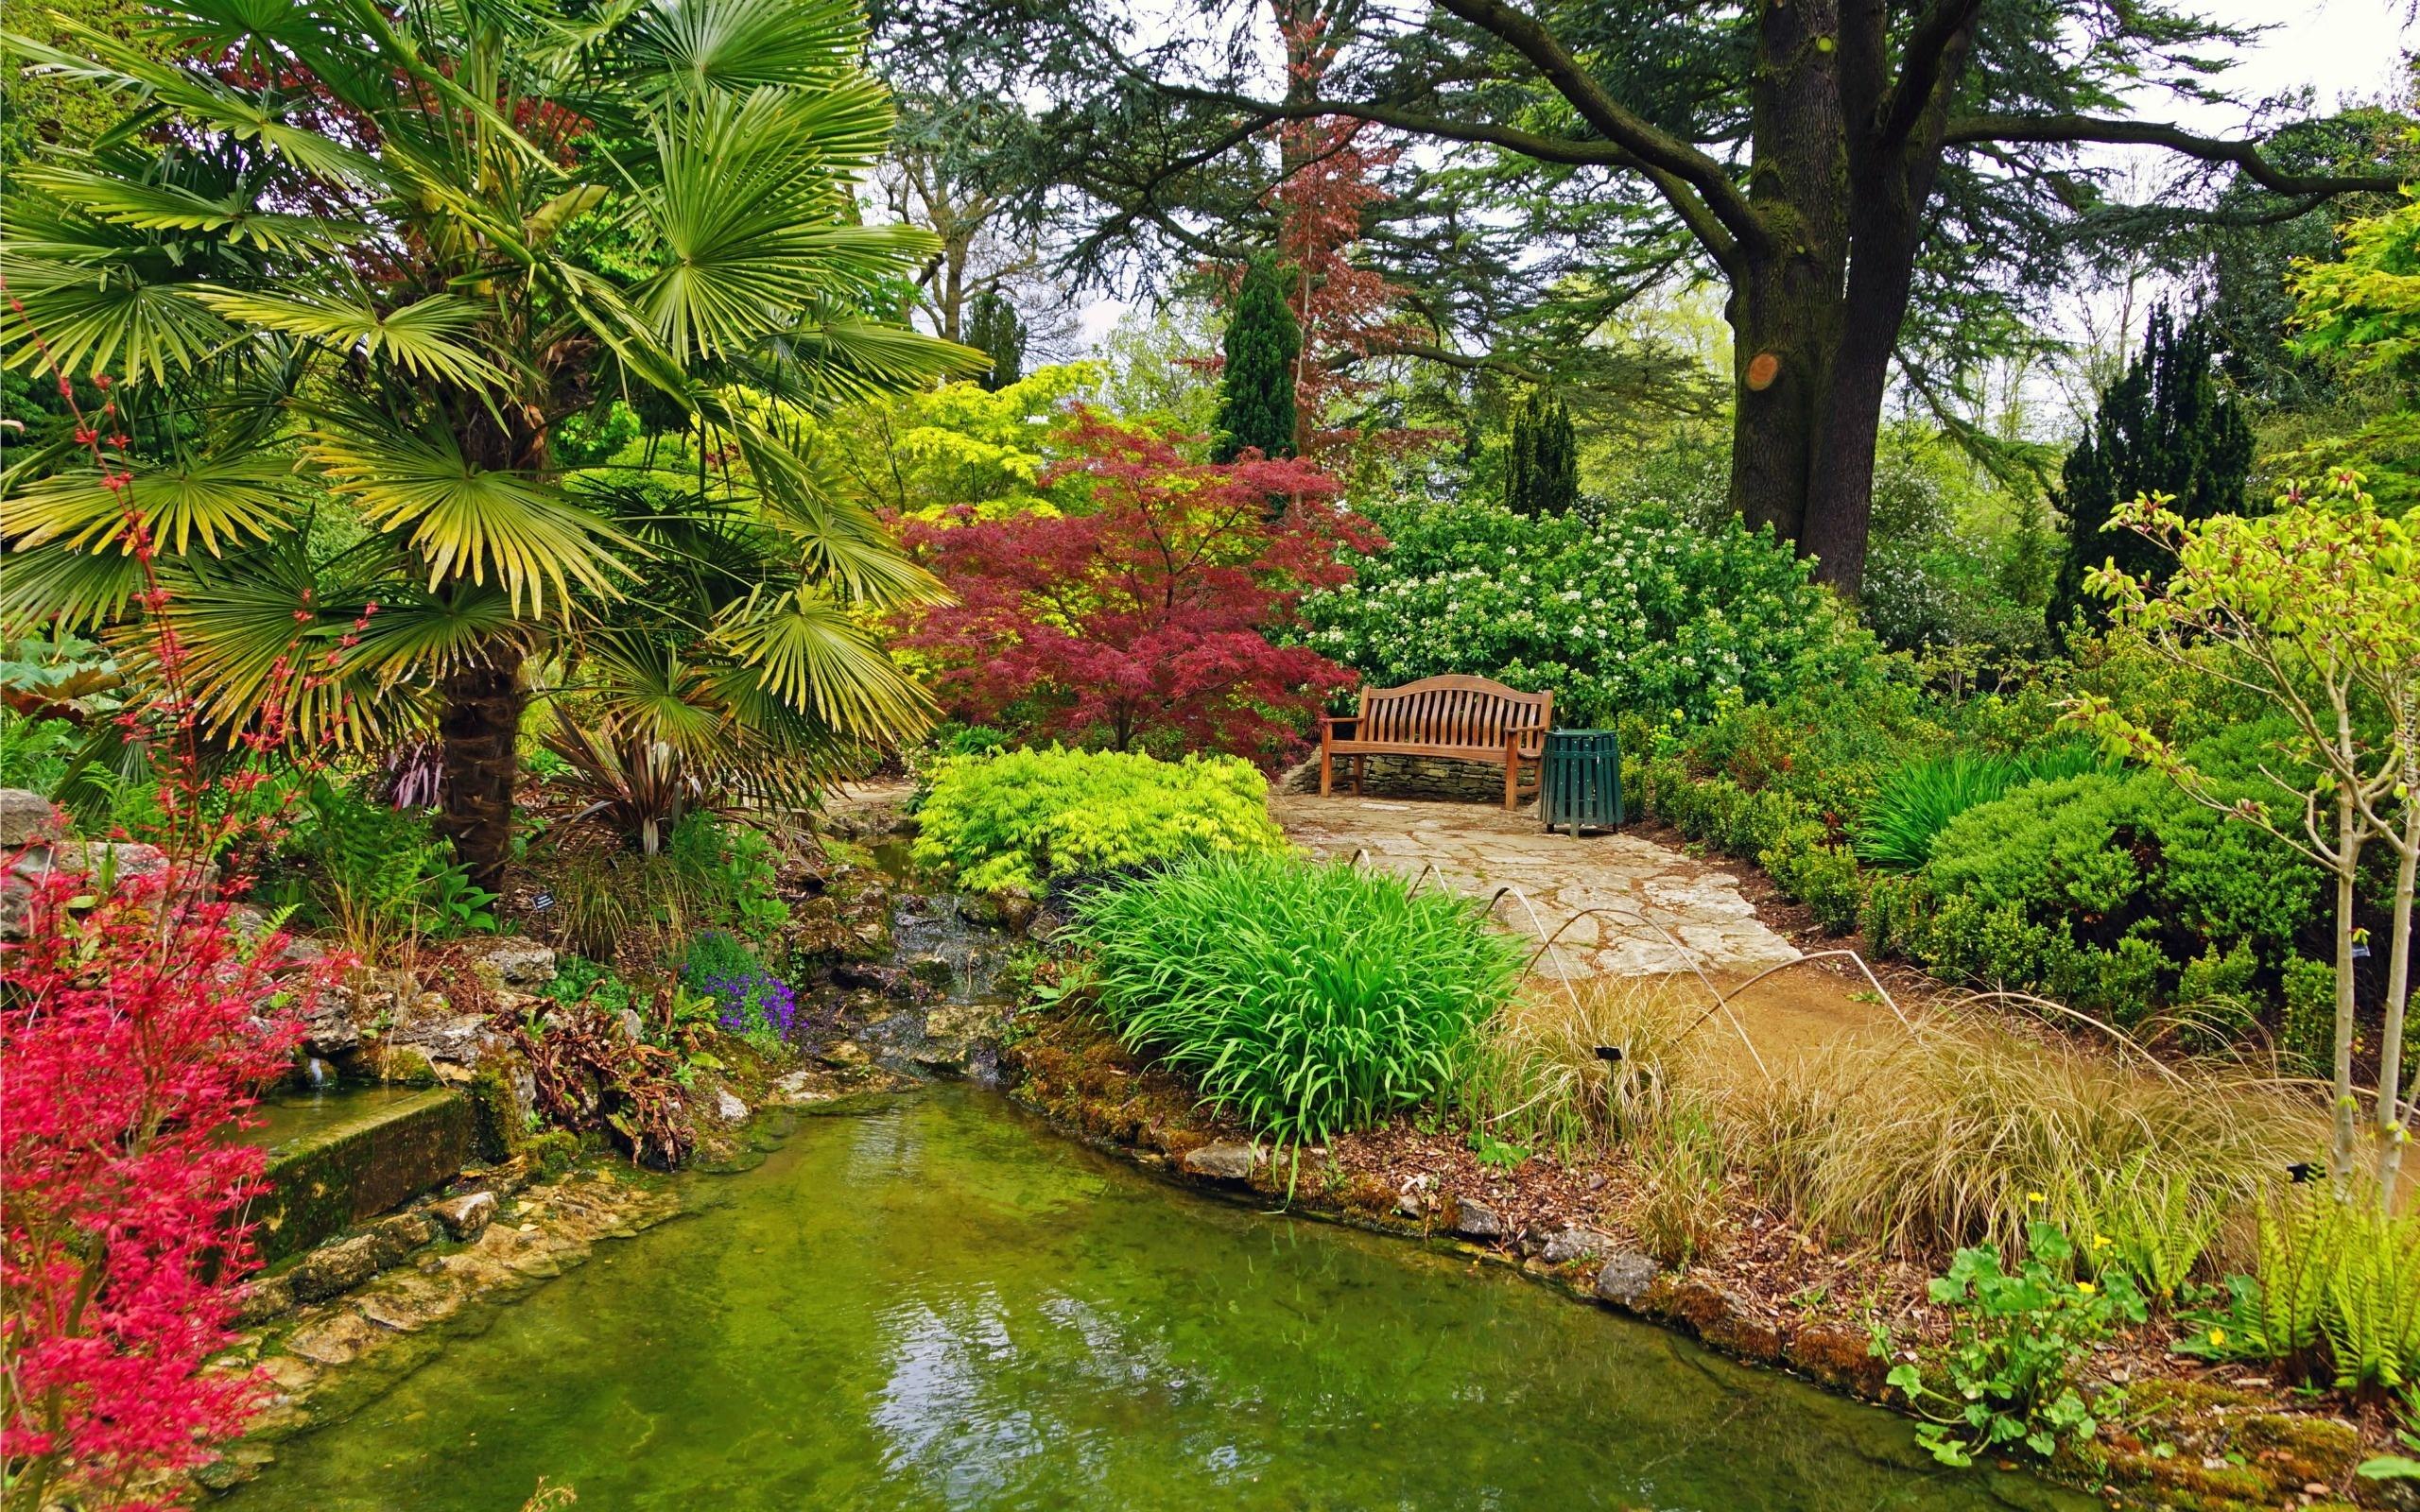 Ogród, Ławka, Drzewa, Krzewy, Kwiaty, Zbiornik, Wodny